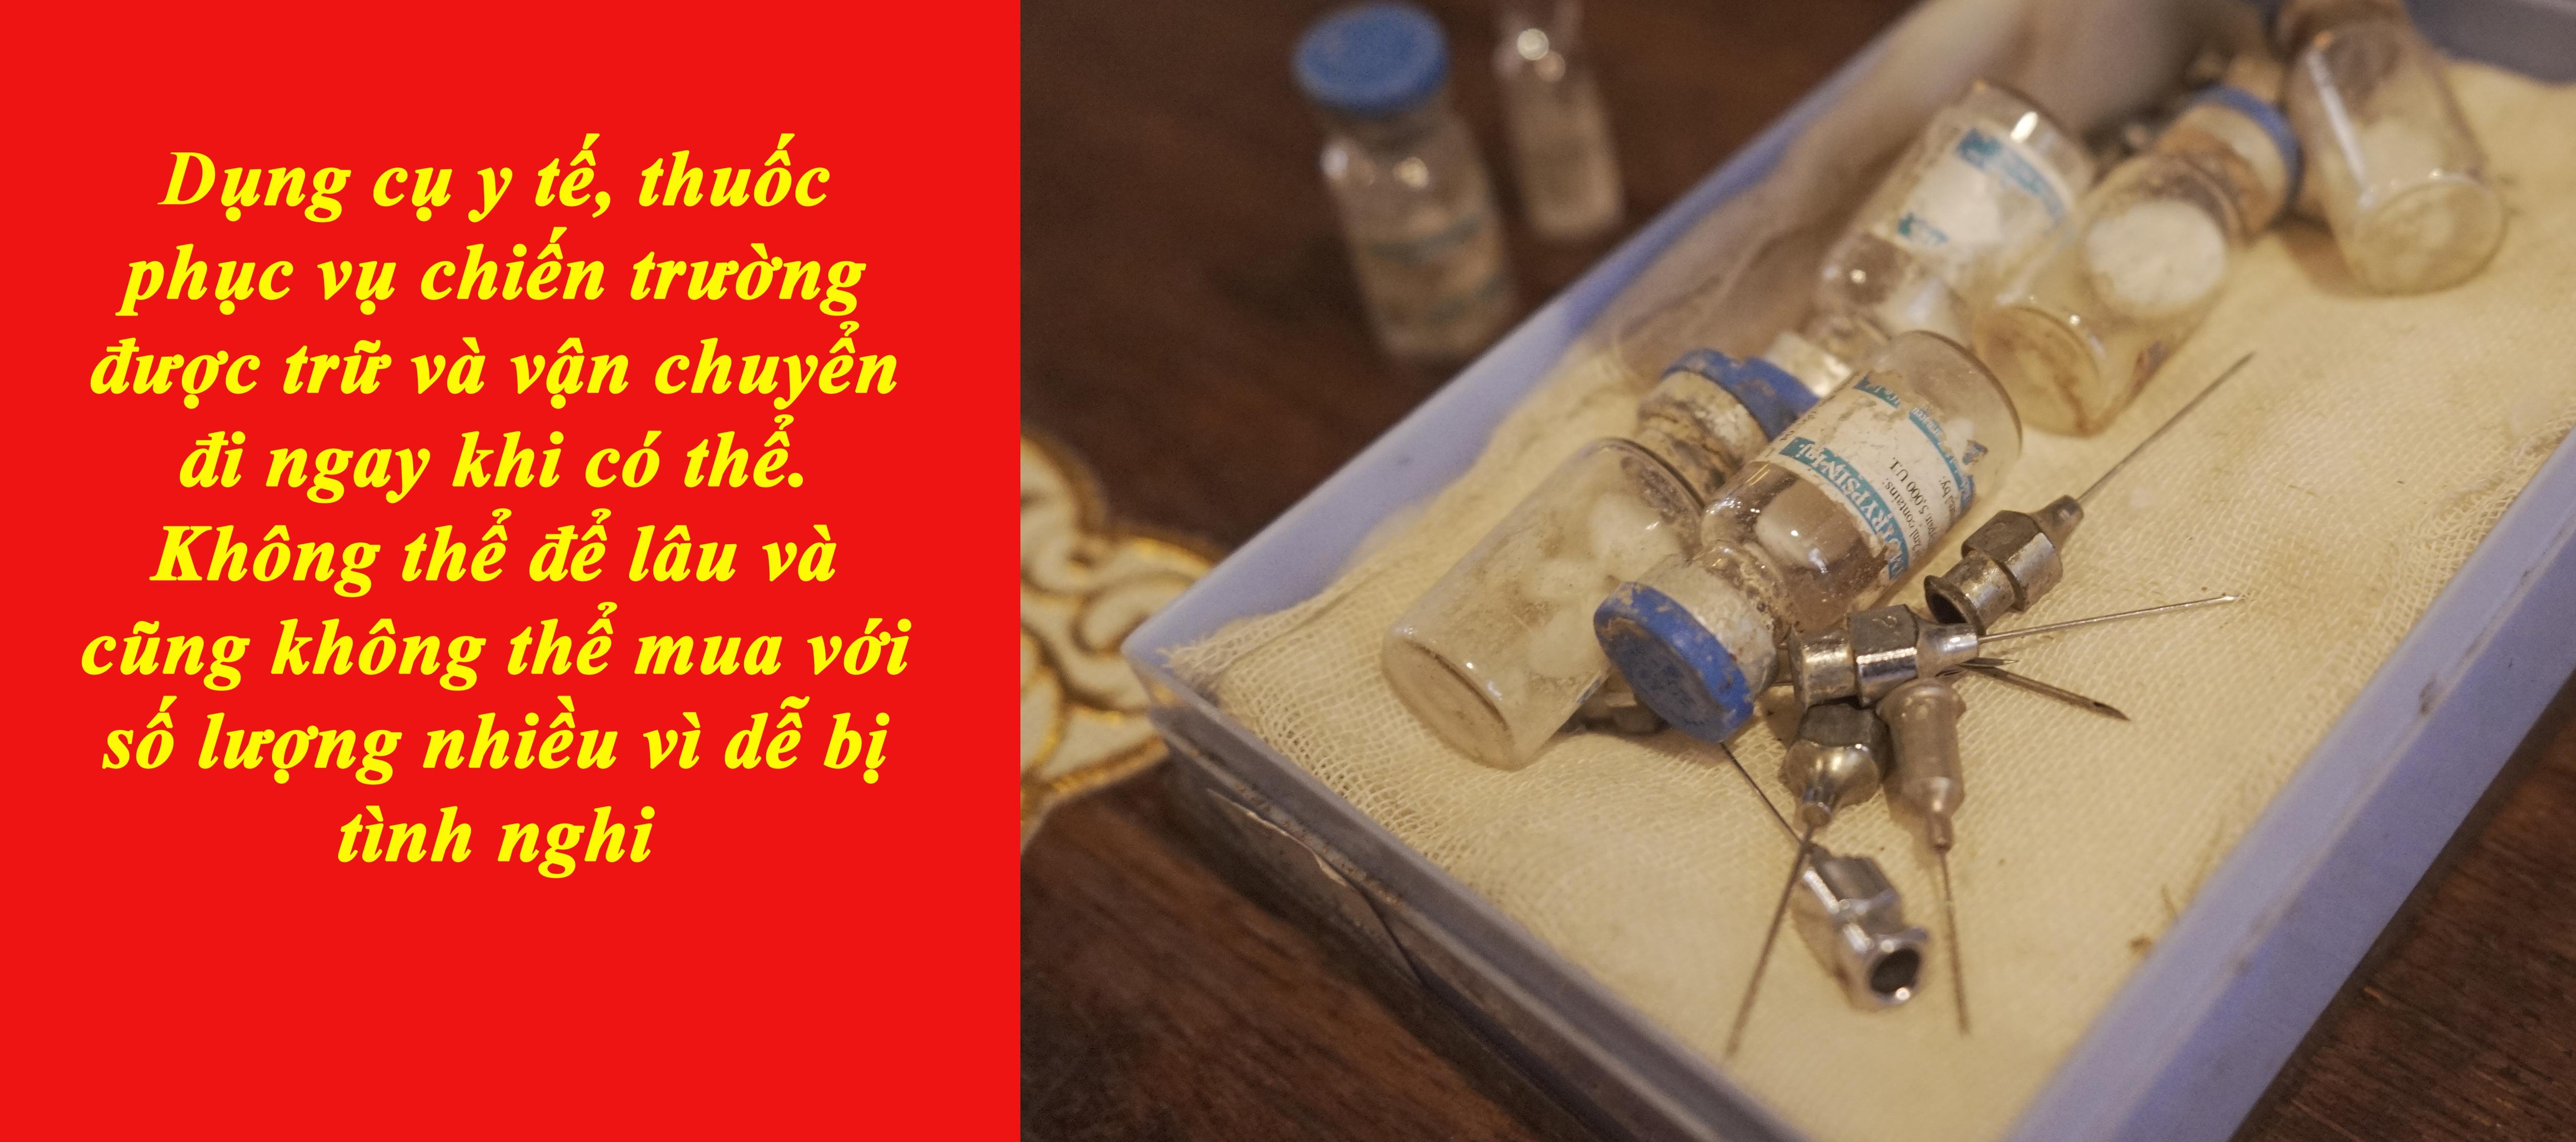 Dụng cụ y tế, thuốc phục vụ chiến trường được trữ và vận chuyển đi ngay khi có thể. Không thể để lâu và cũng không thể mua với số lượng nhiều vì dễ bị tình nghi